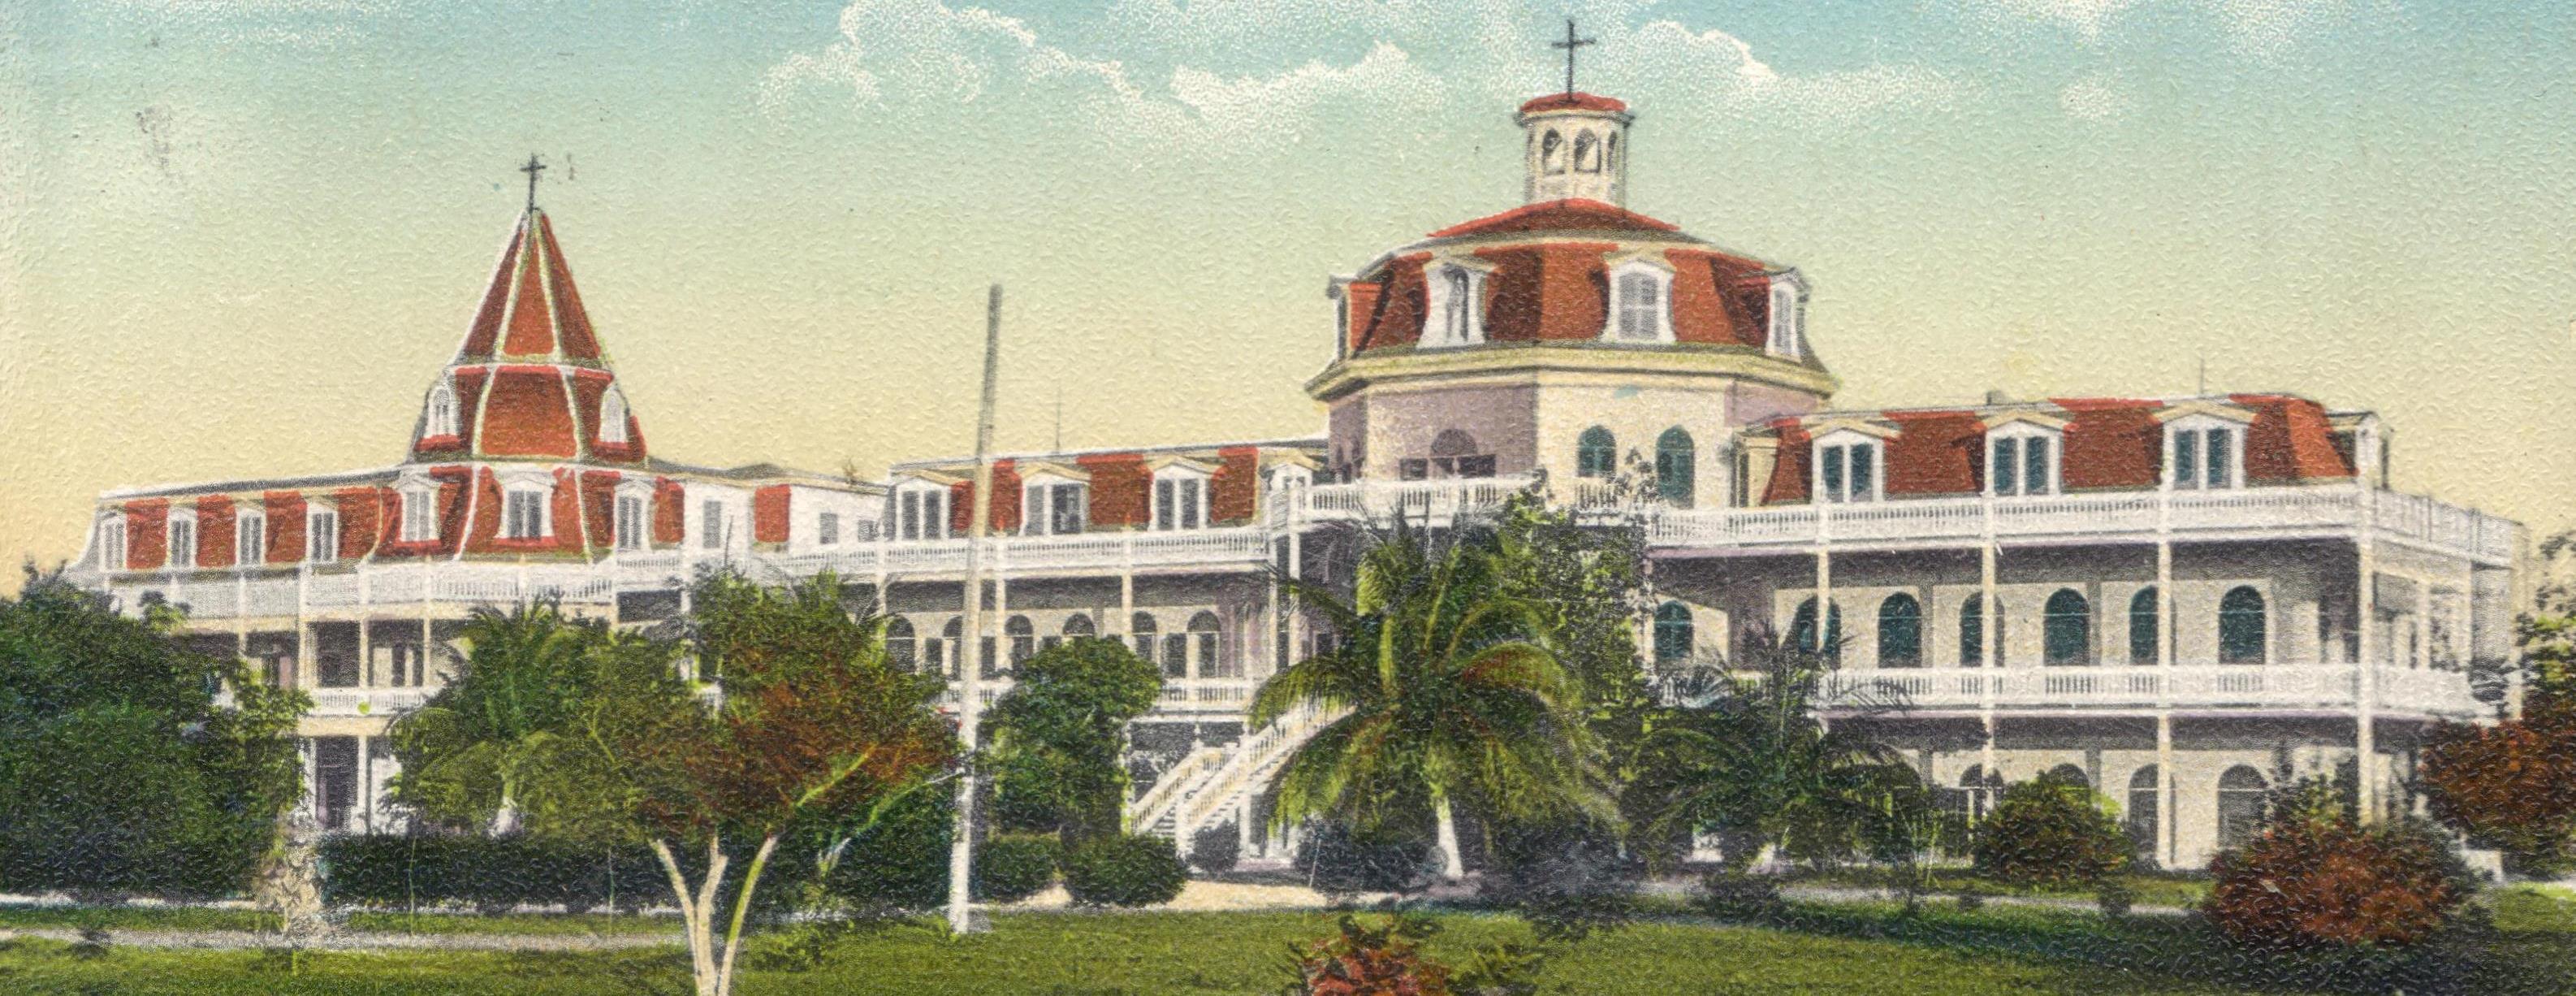 150e anniversaire de l'arrivée des sœurs des SNJM à Key West, Floride